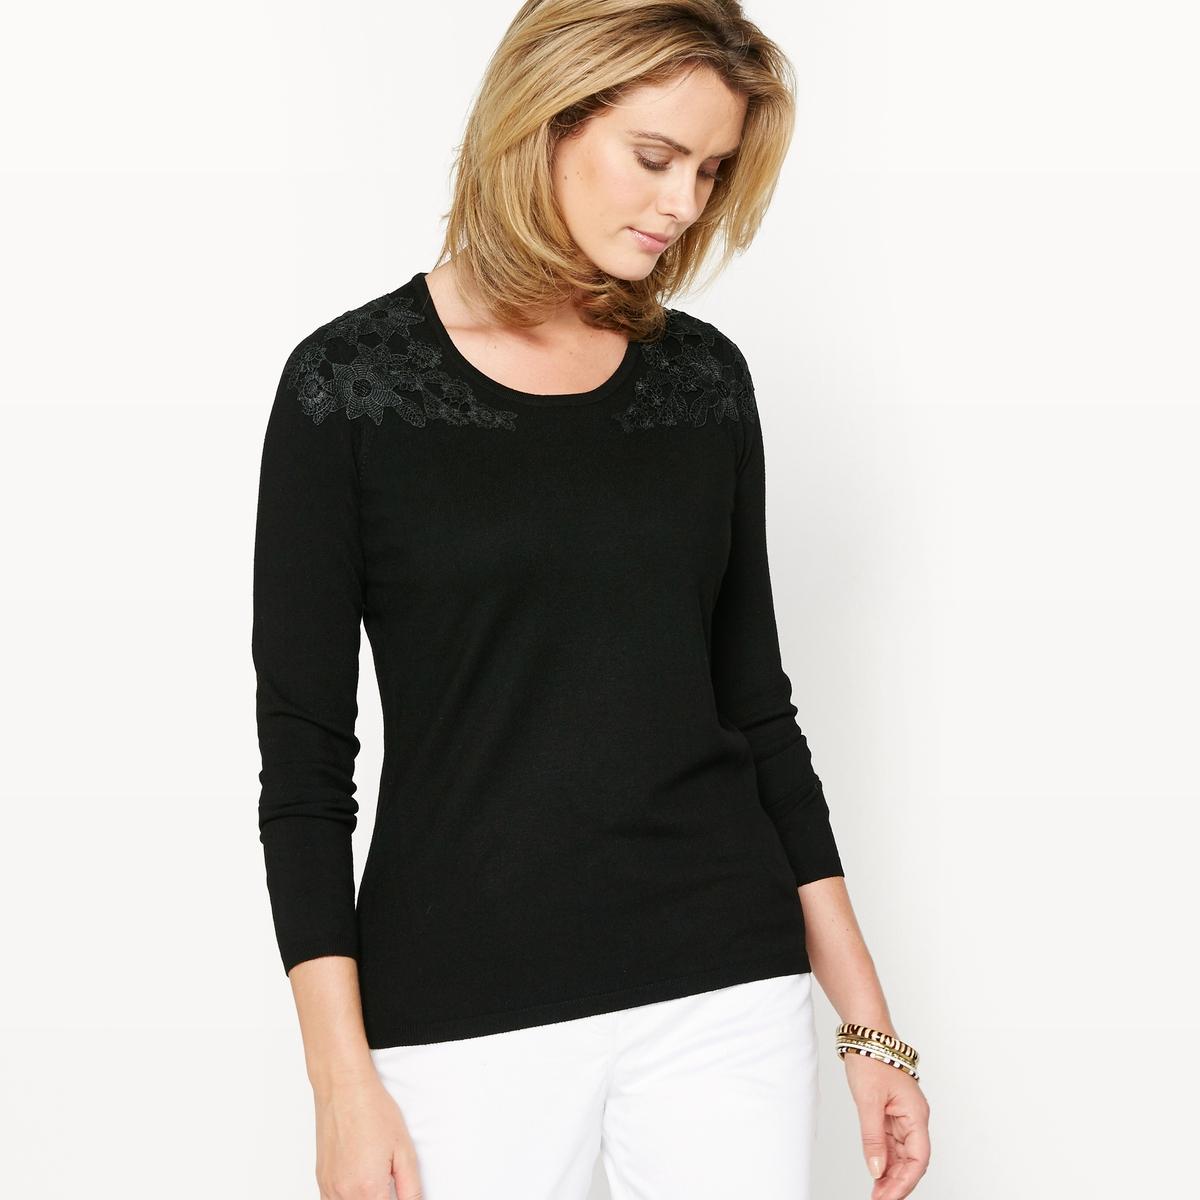 Пуловер с аппликациями из гипюраОчень женственный пуловер, украшенный аппликациями из гипюра спереди и на плечах. V-образный вырез. Края круглого выреза, низа и длинных рукавов связаны в рубчик.Состав и описание :Материал : джерси 80% вискозы, 20% полиамида .Длина 62 см.Марка : Anne WeyburnУход :Машинная стирка при 30 °С в умеренном режиме с изнаночной стороны .Гладить при низкой температуре с изнаночной стороны.<br><br>Цвет: розовая пудра,черный<br>Размер: 50/52 (FR) - 56/58 (RUS)